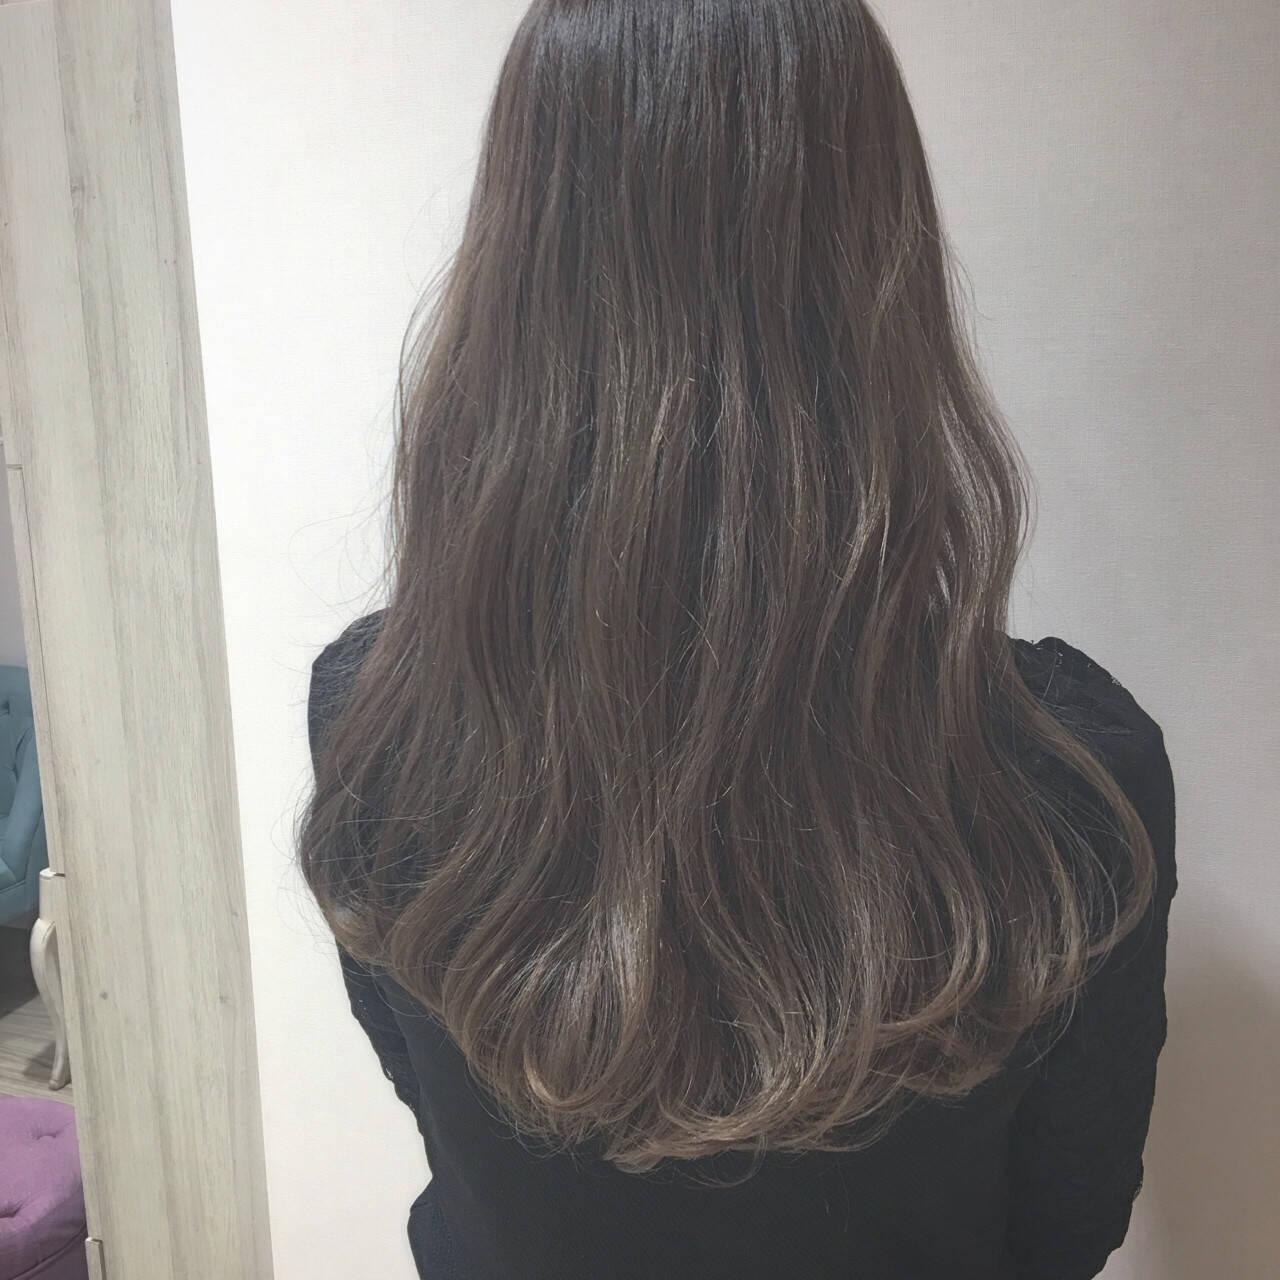 イルミナカラー グレージュ セミロング 外国人風カラーヘアスタイルや髪型の写真・画像